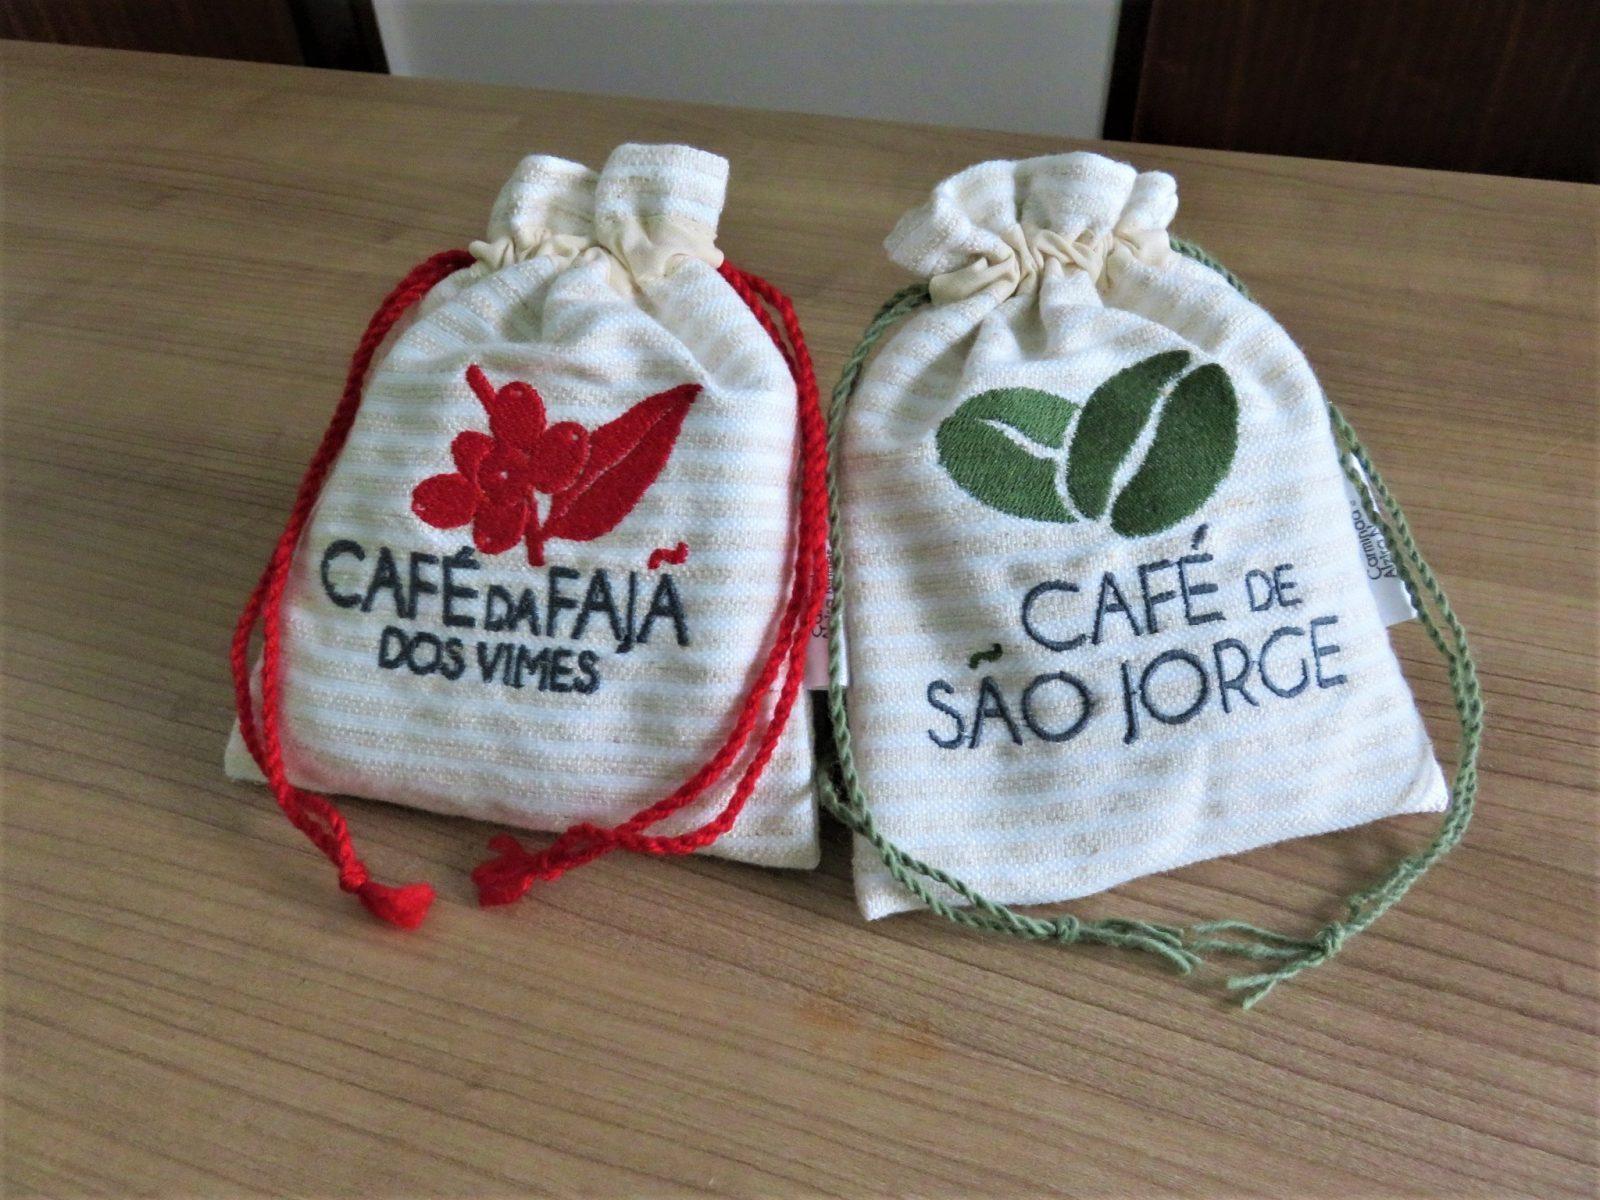 Café da Fajã dos Vimes - São Jorge